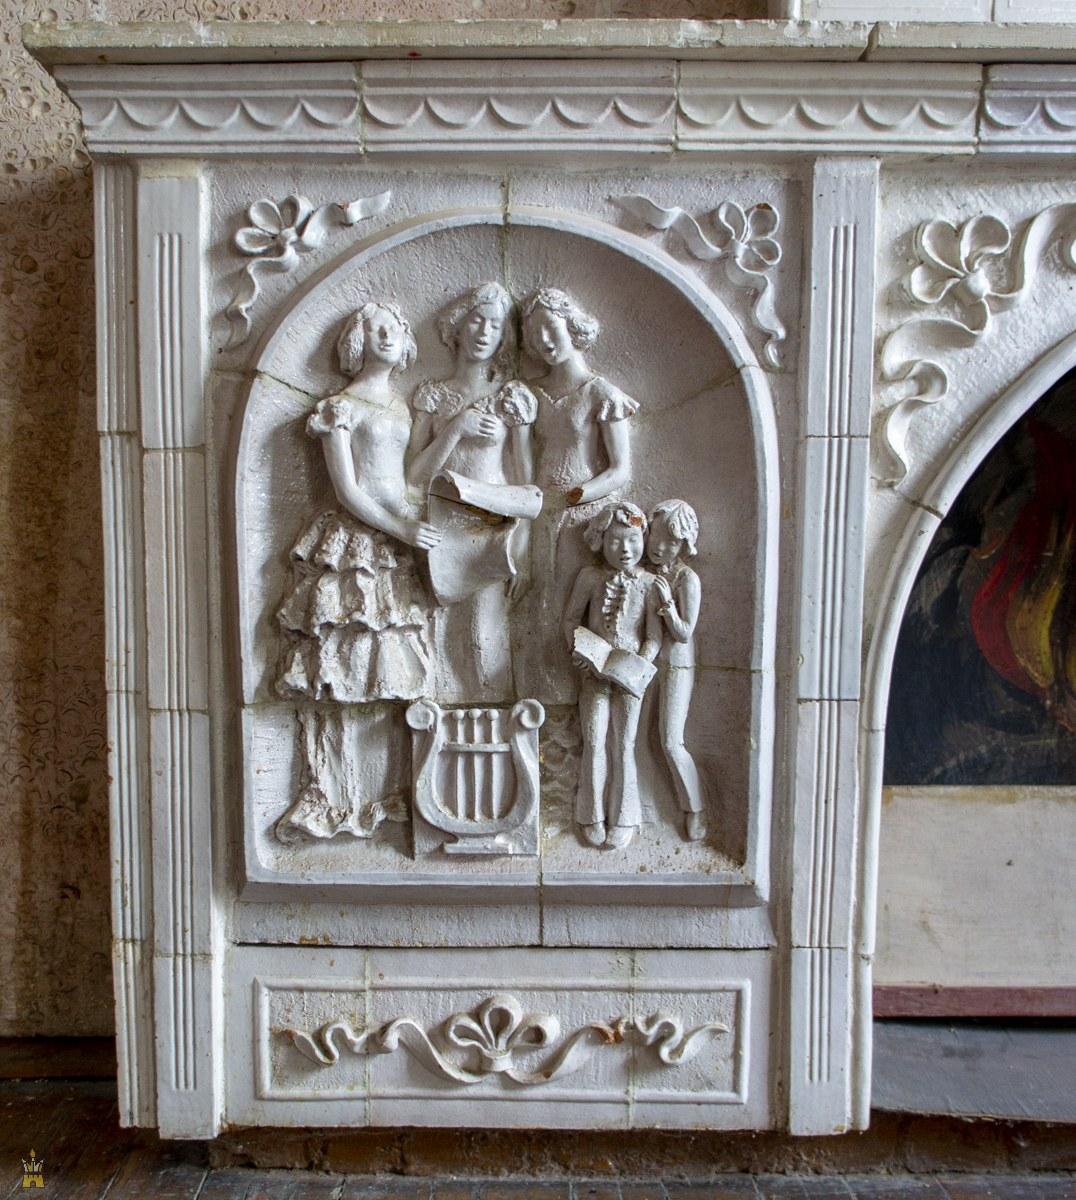 Старинный камин в Доме культуры имени Свердлова (бывшее Дворянское собрание) в Нижнем Новгороде